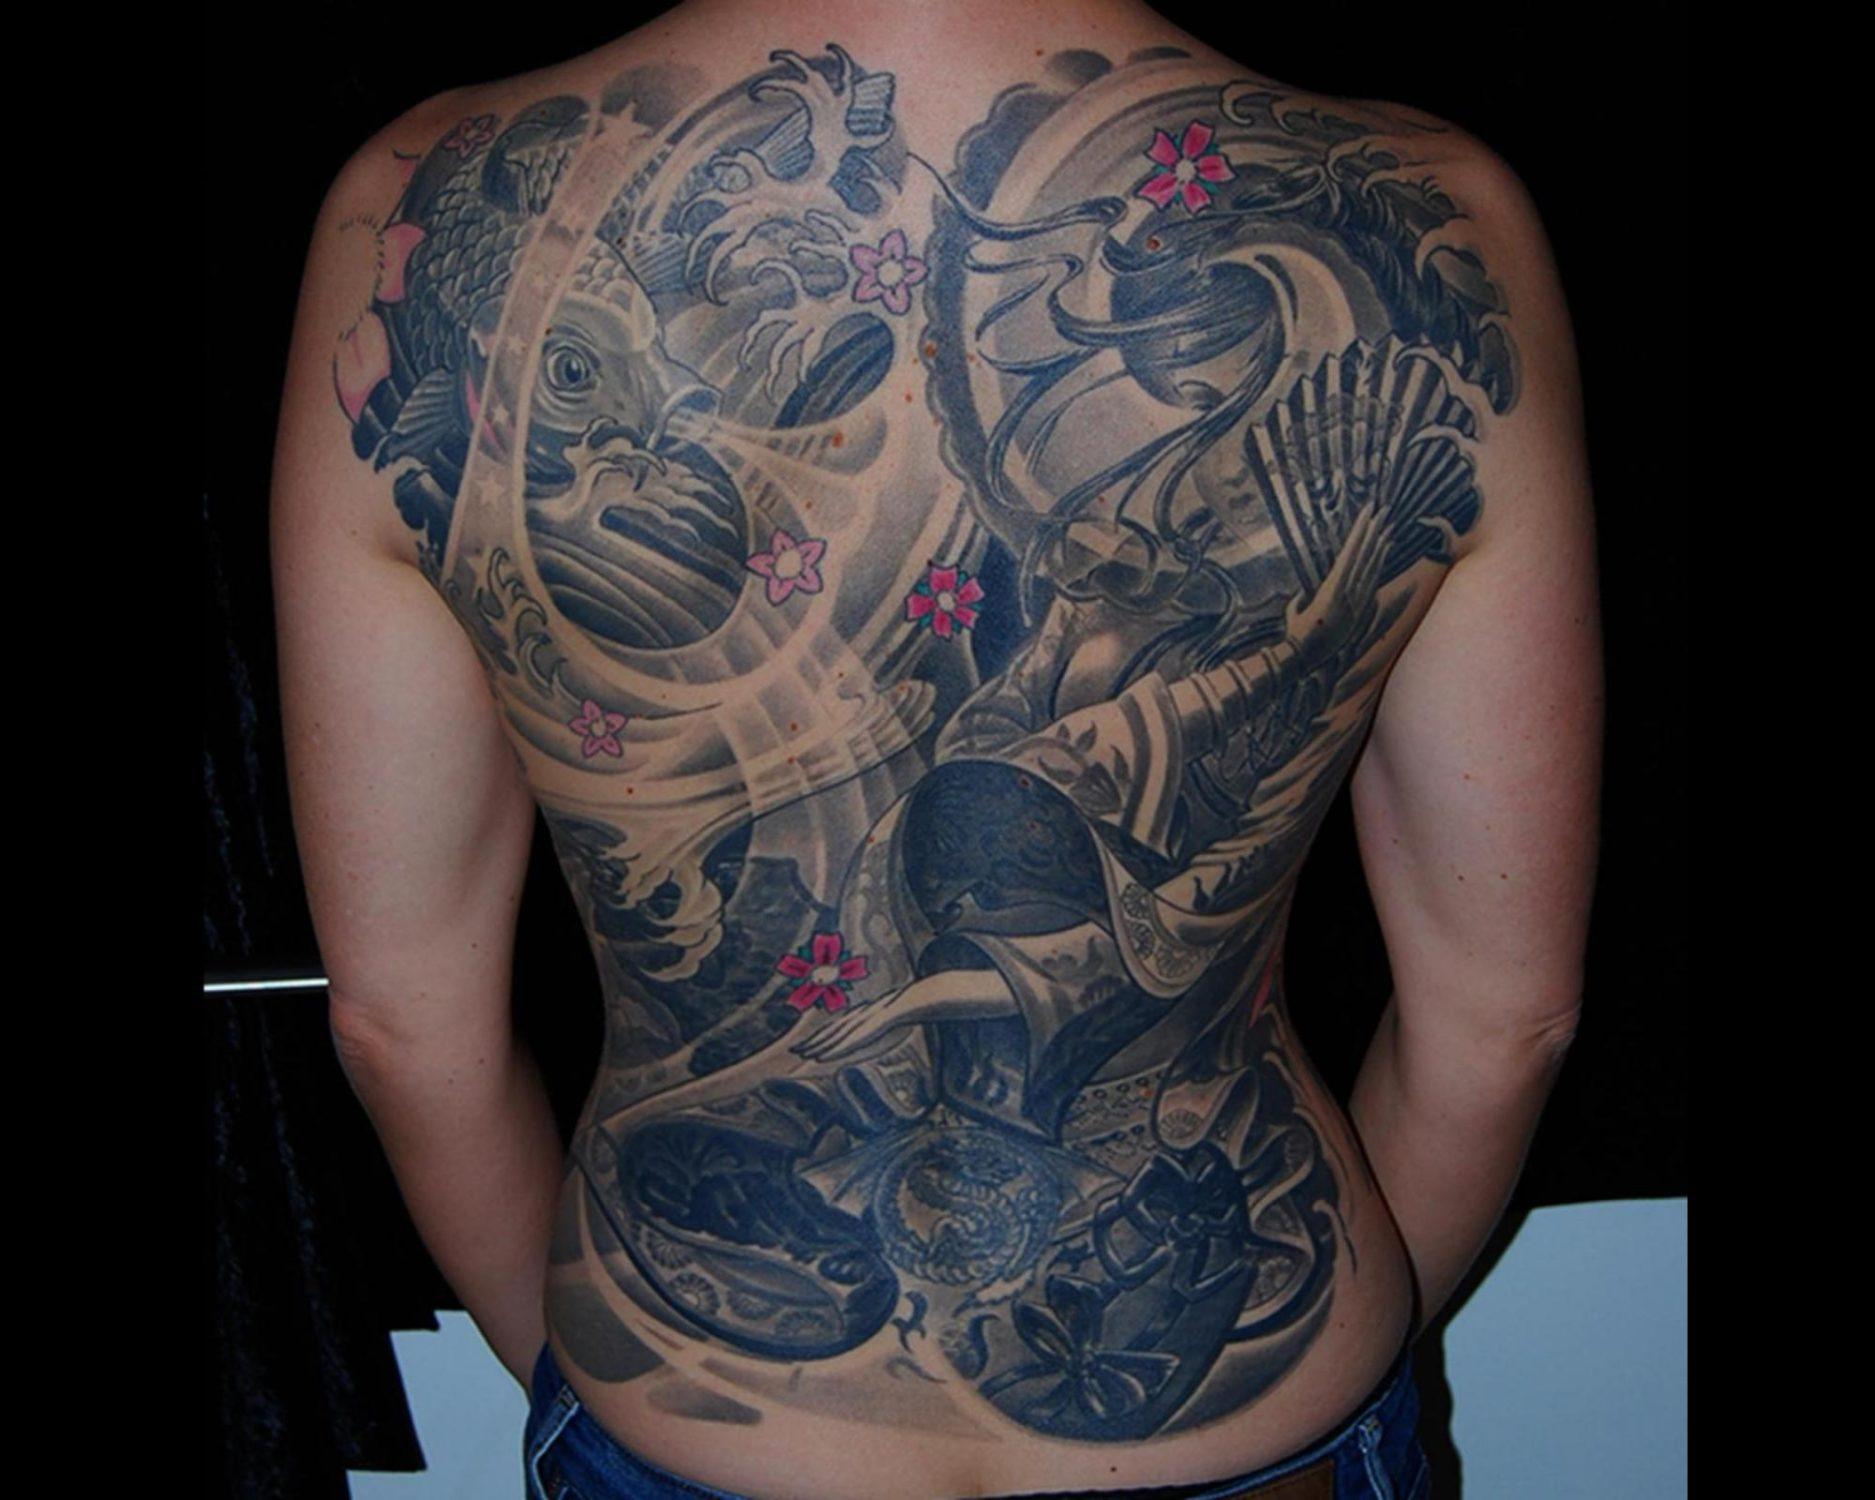 japanische Geisha Tattoo Full Back Backpiece mit Wasser, Wellen, Koi und Kirschblüten München Cover up Tattoo Überdeckung Profi Spezialität